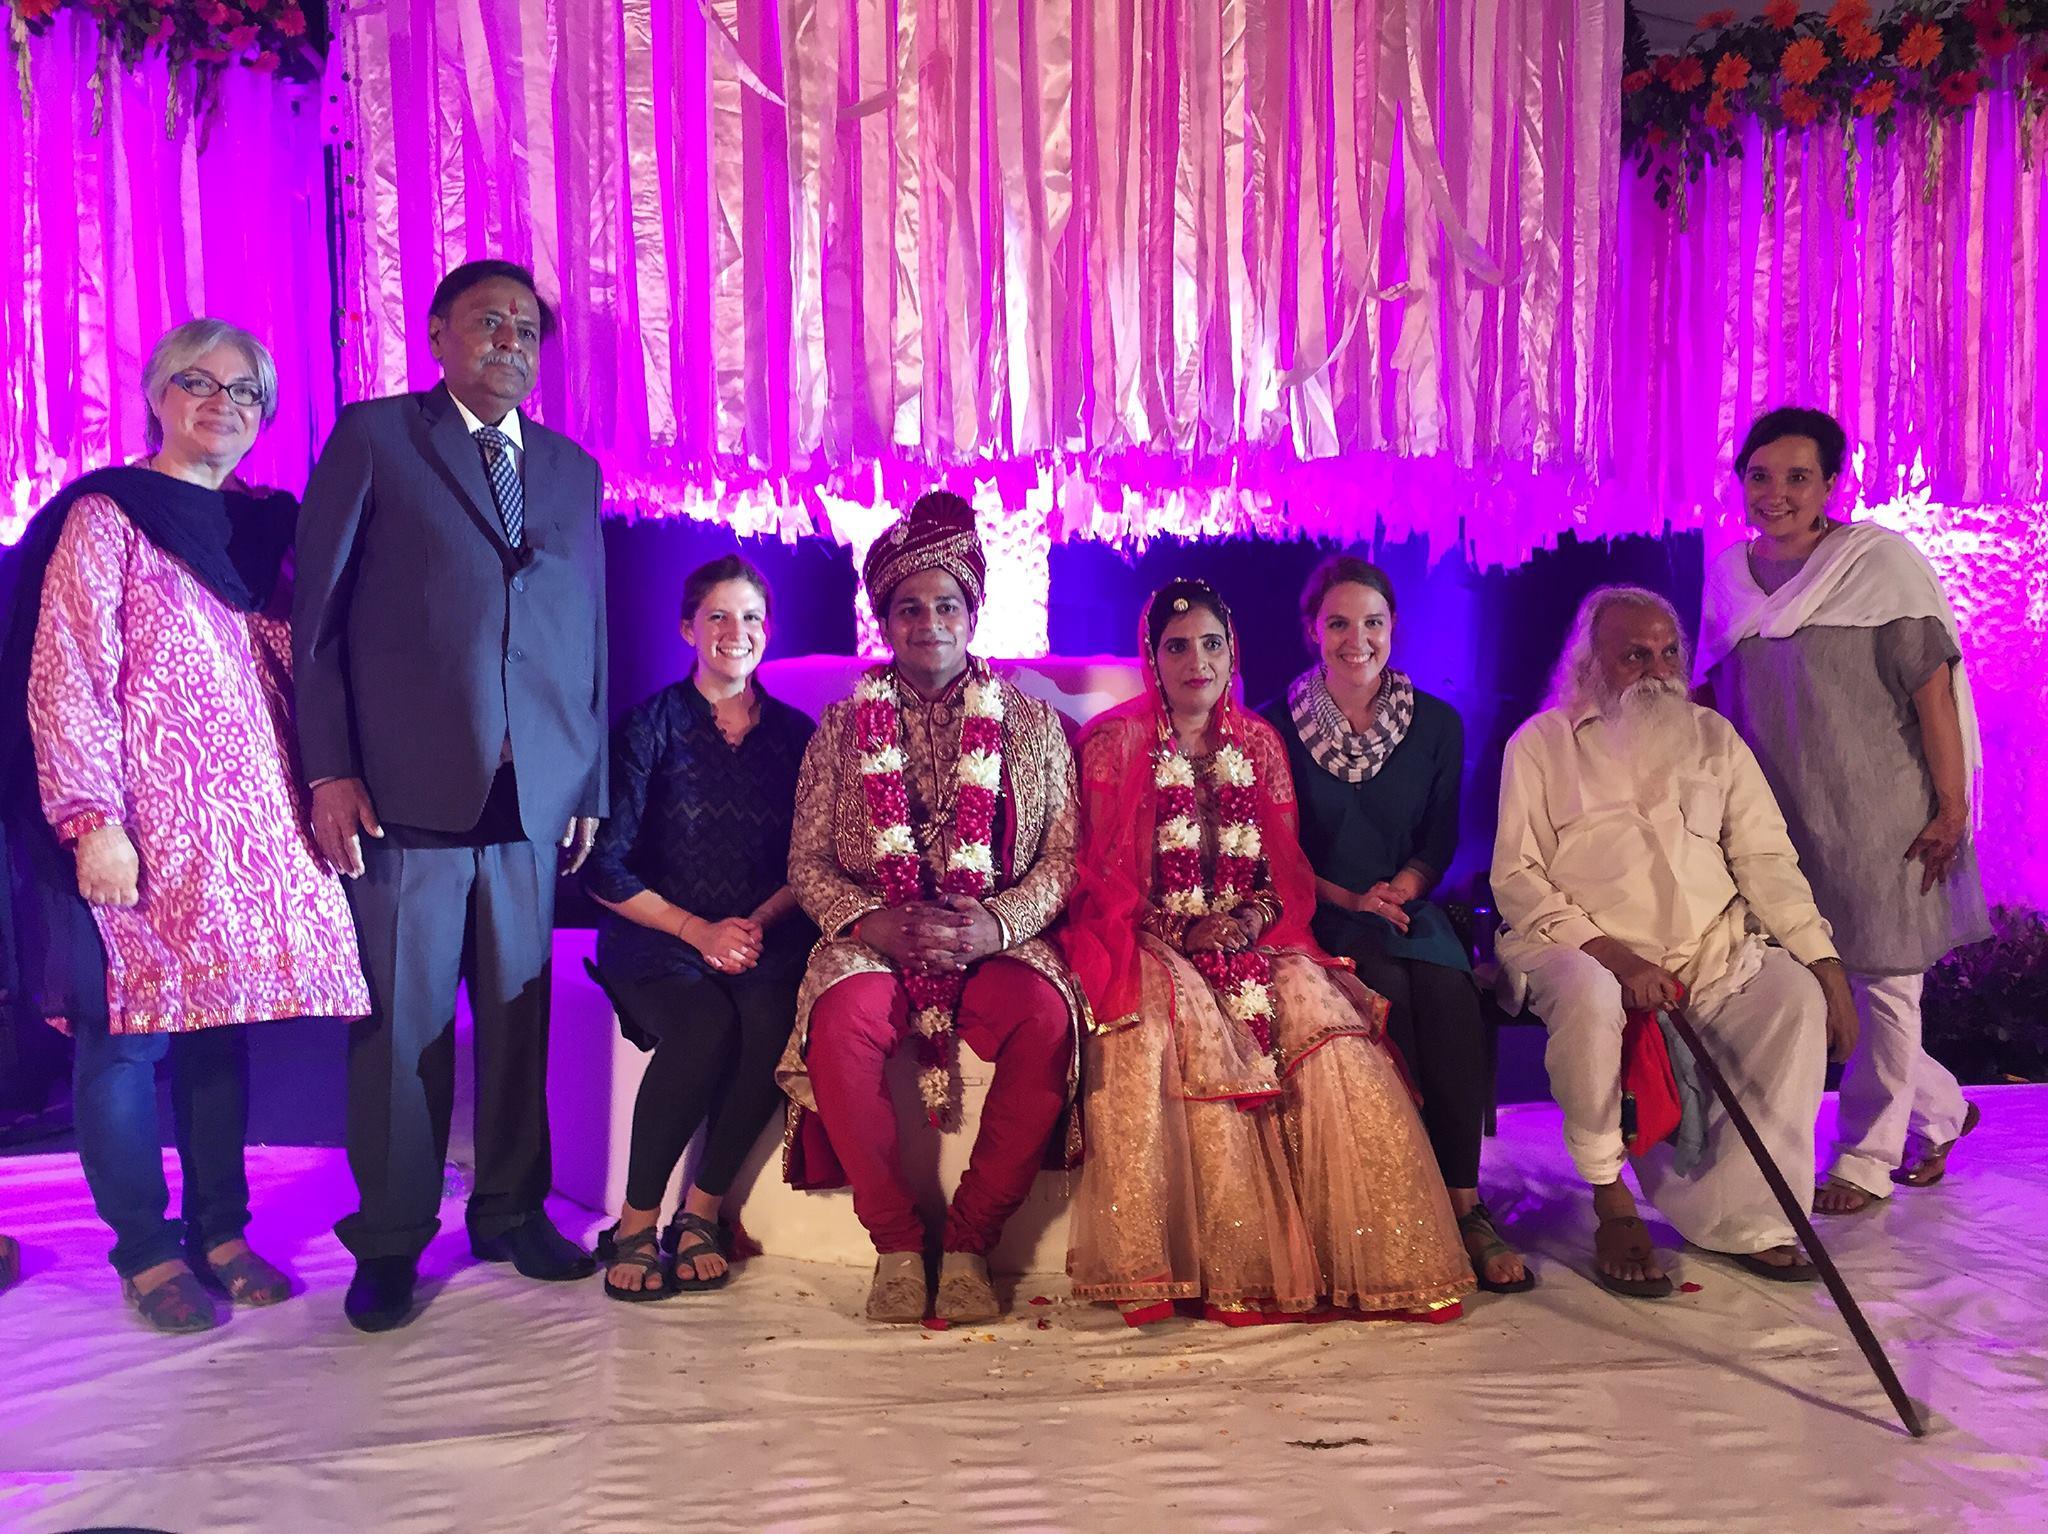 Surprise! Hindu wedding, Kolkata 2016